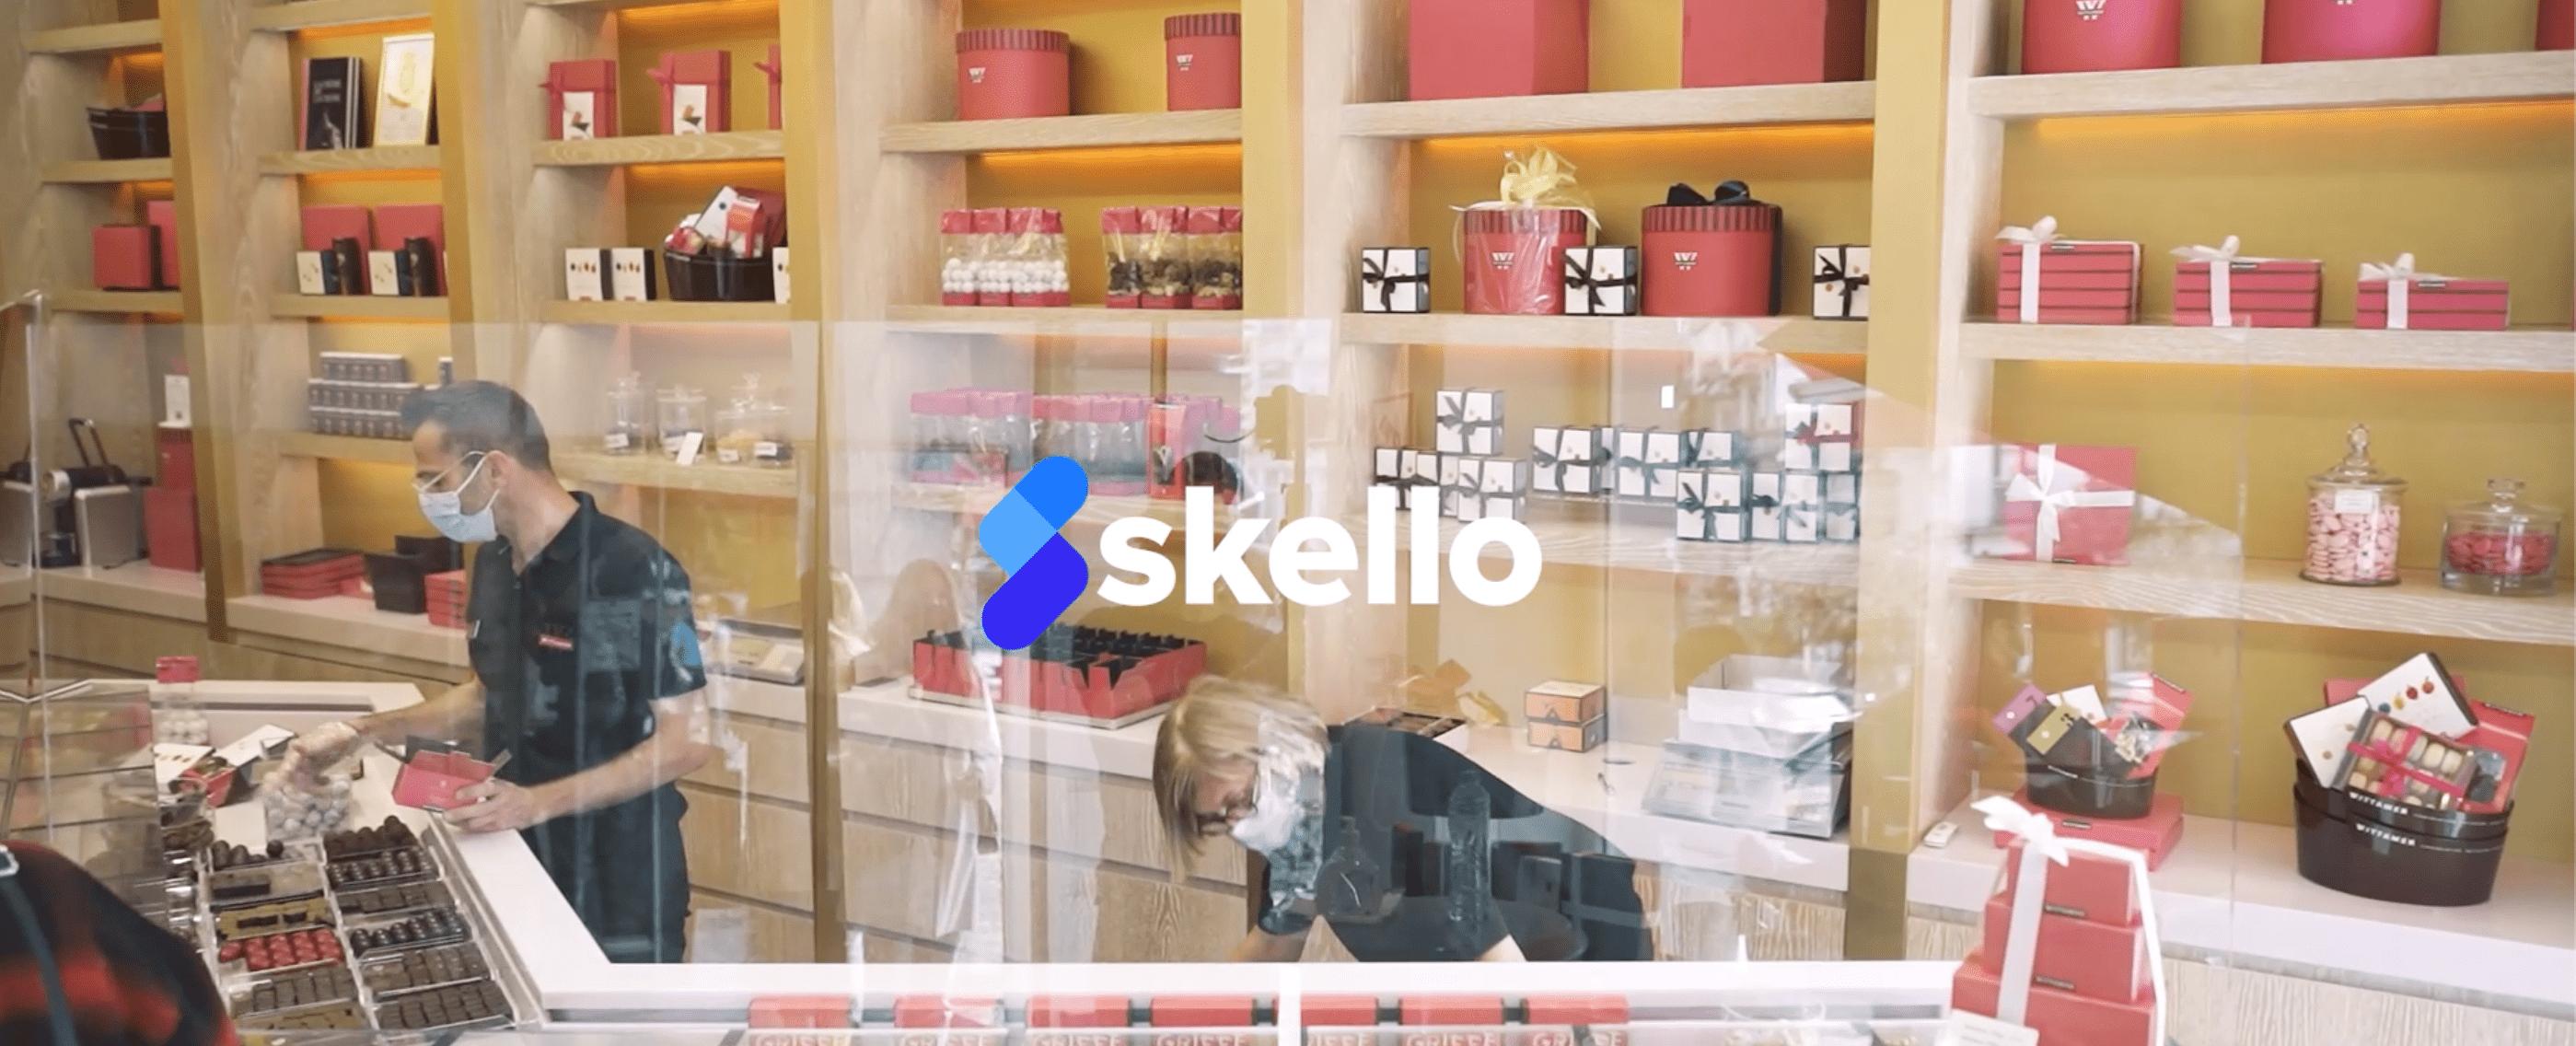 La Maison Wittamer améliore la communication avec ses 60 employés en utilisant Skello.